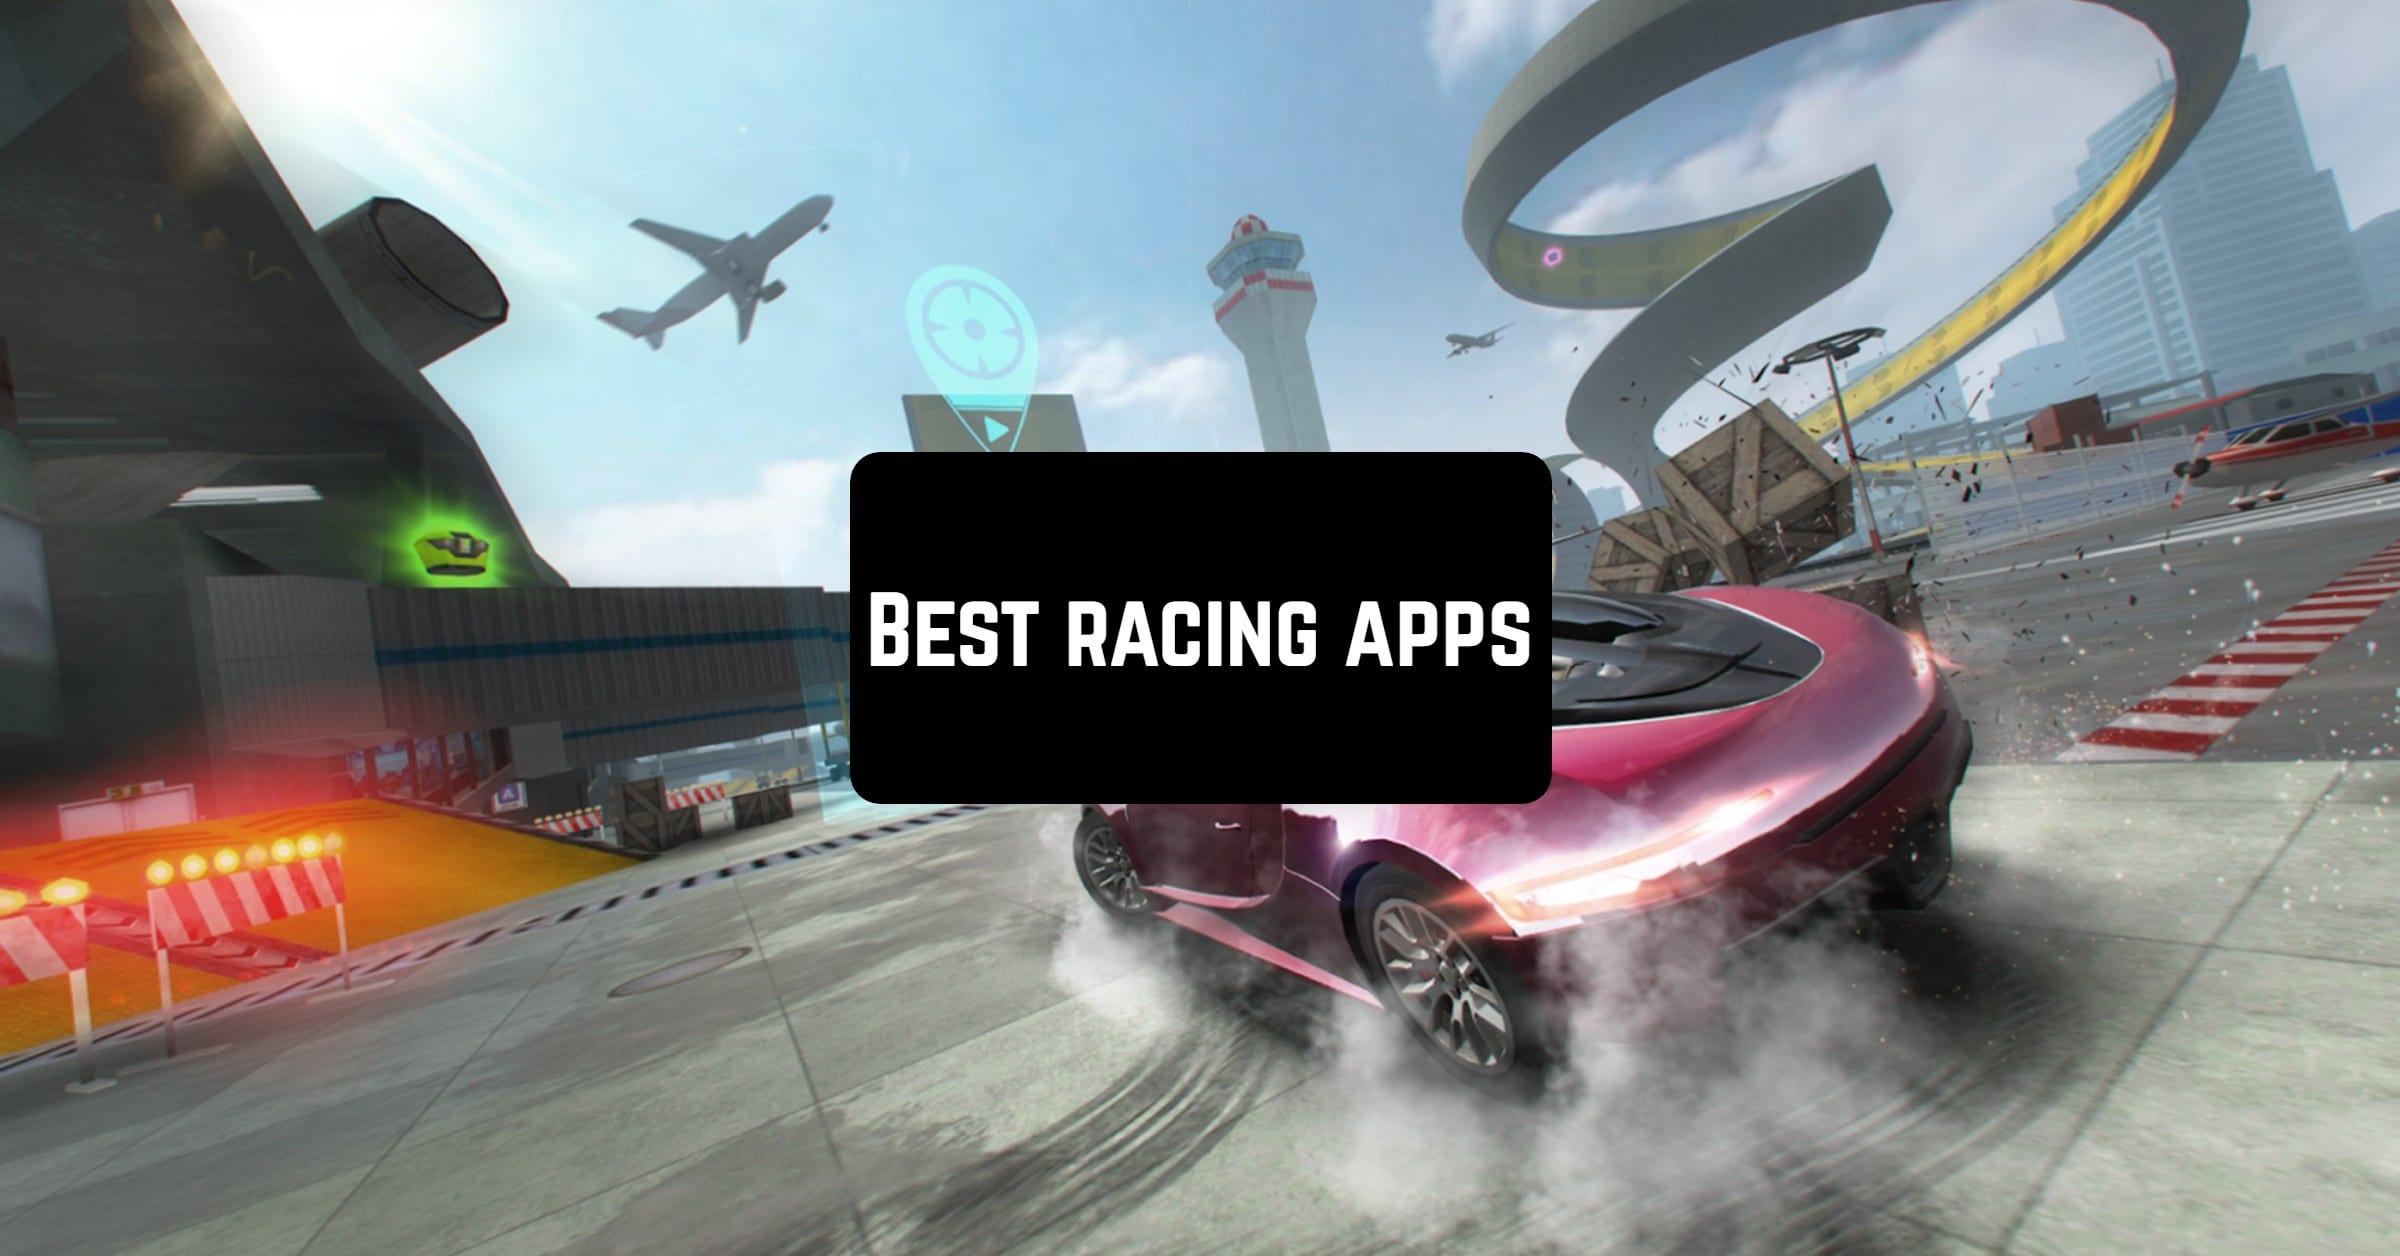 raceapp1